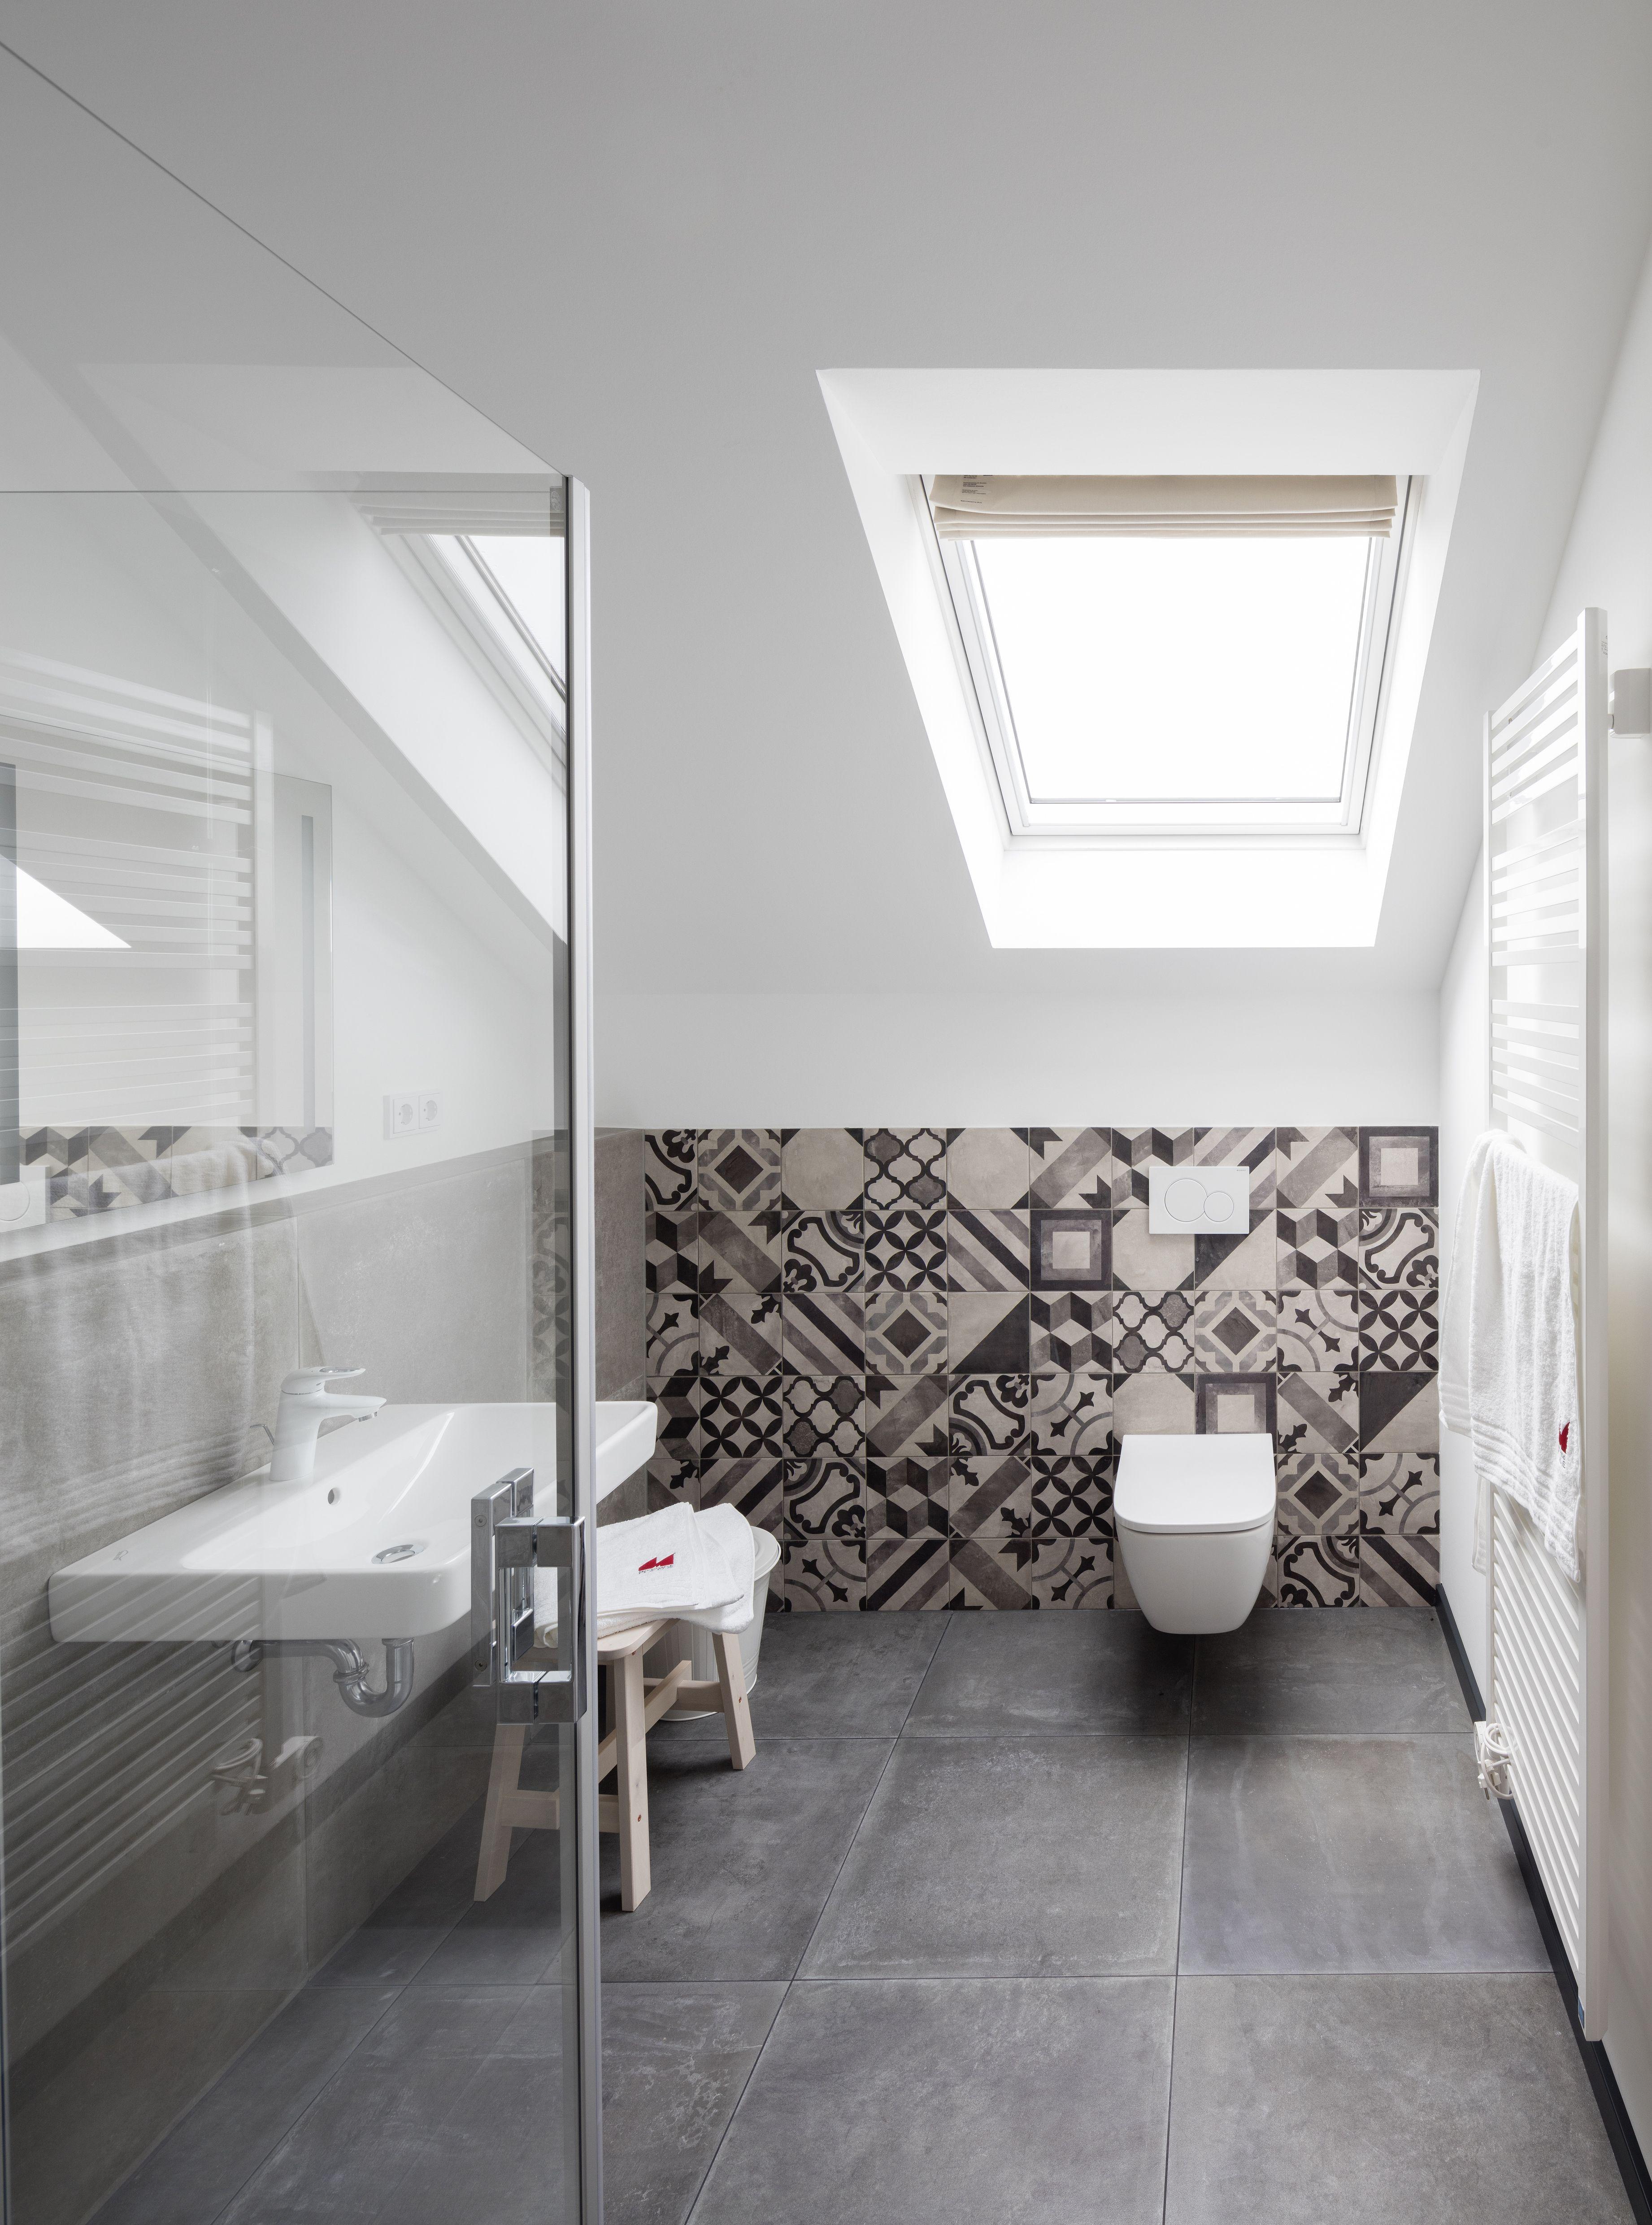 Helles Badezimmer Mit Dachfenster In 2020